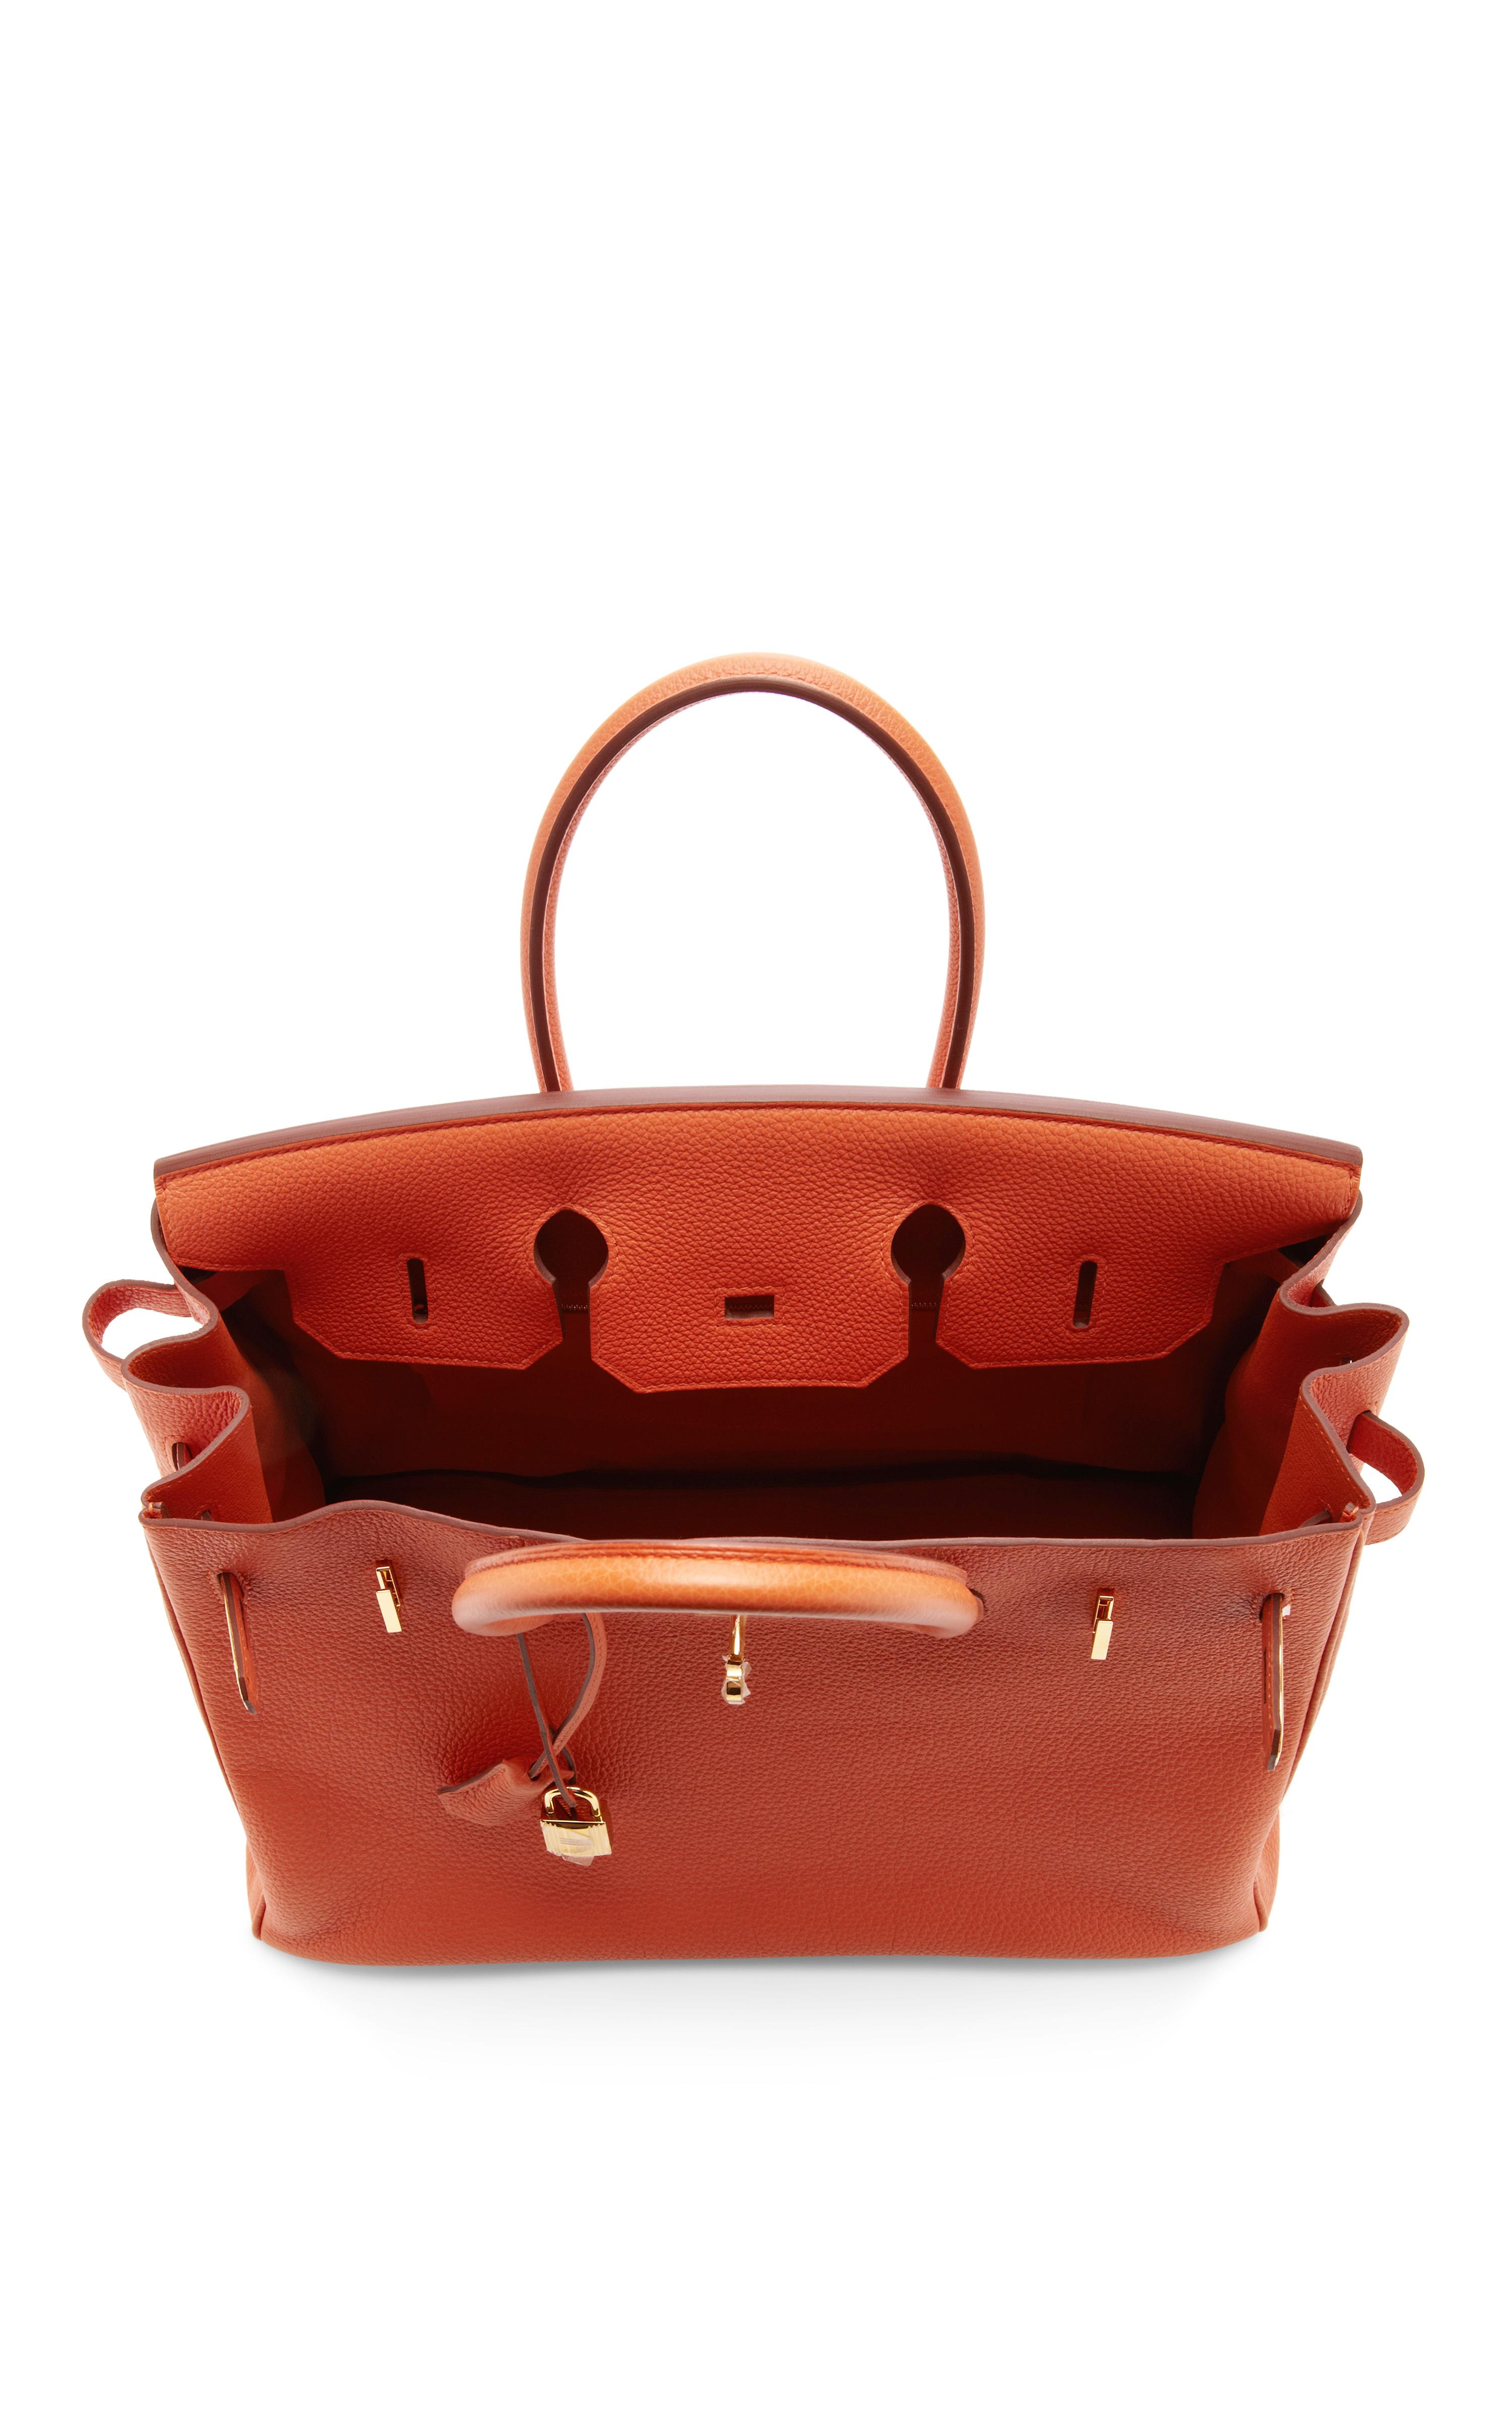 hermes saddle cover - hermes tote bag burnt orange